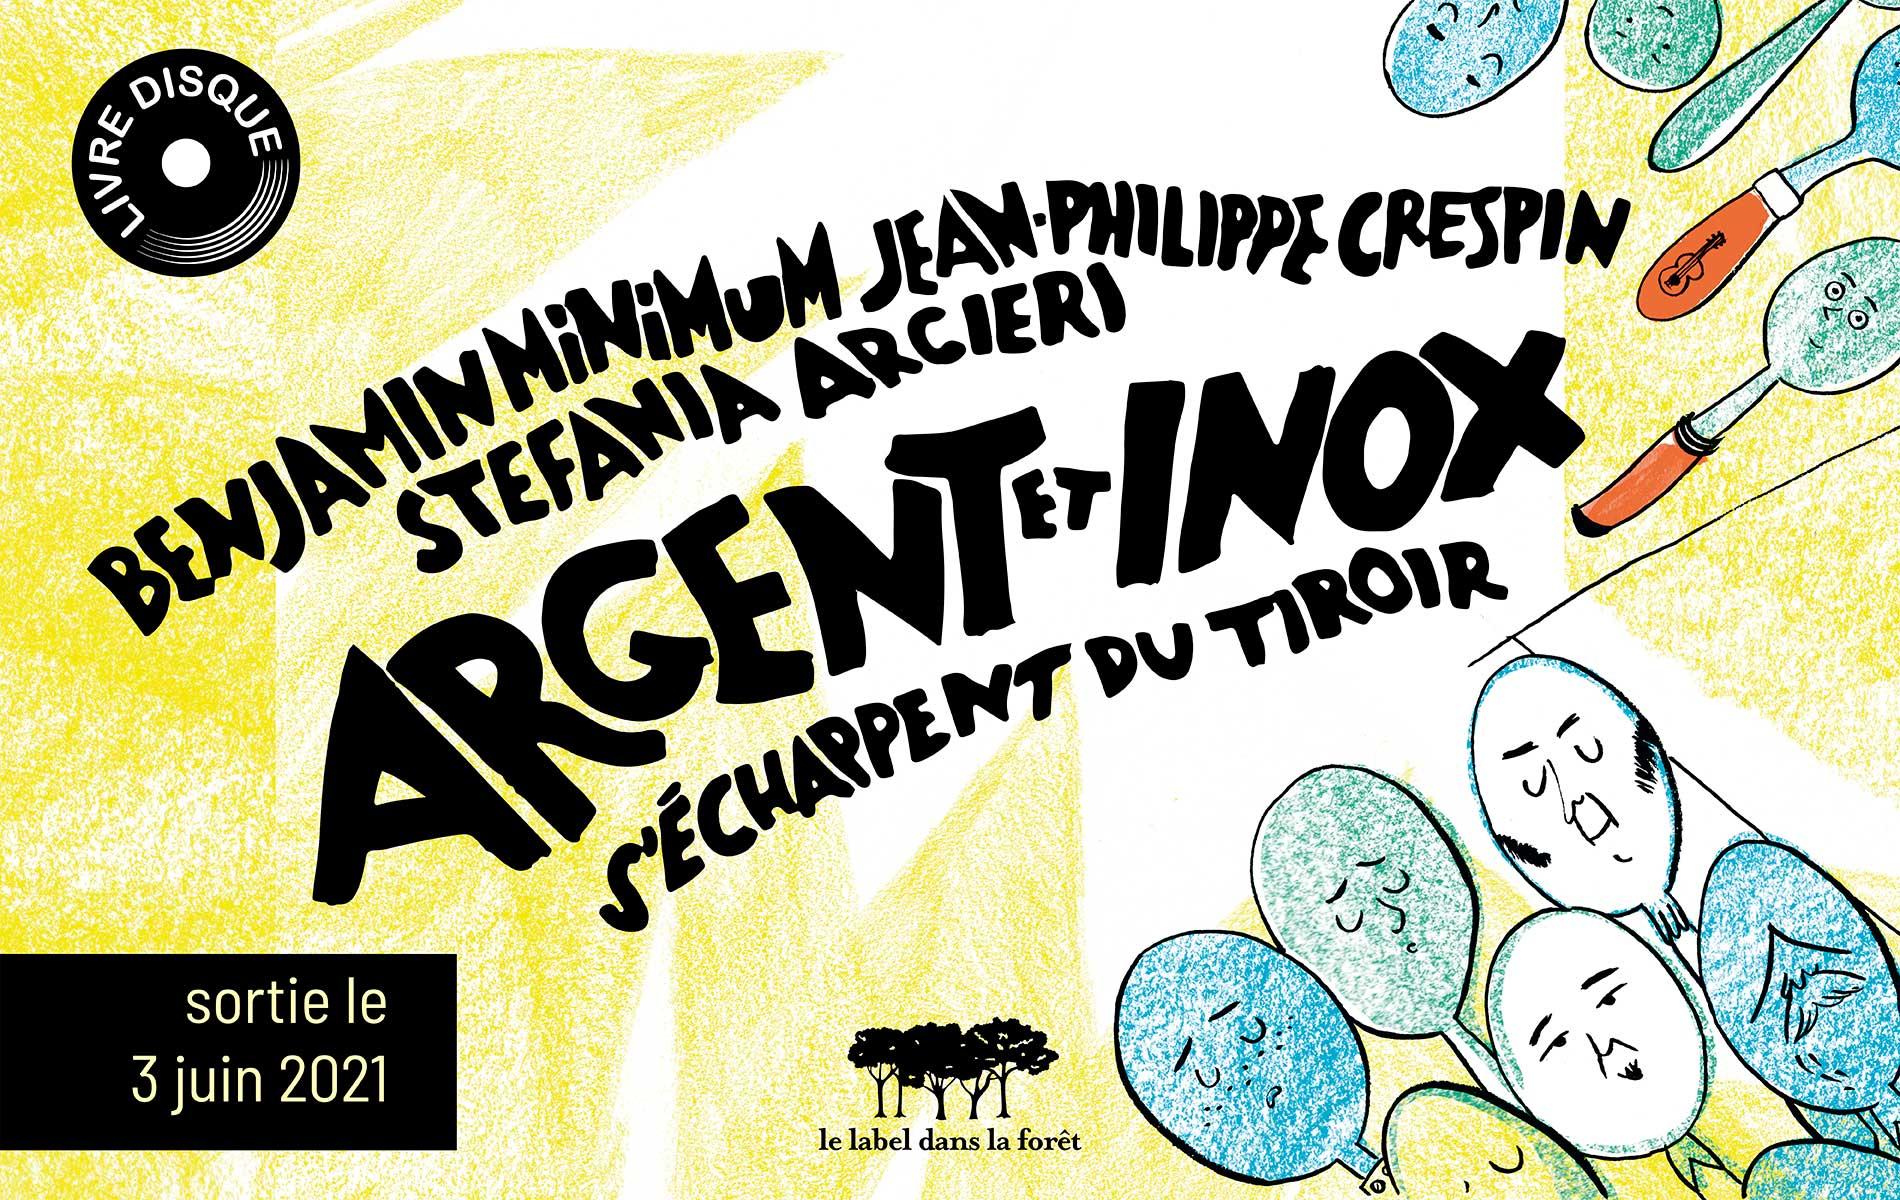 Le label dans la foret - Argent et Inox - Slider